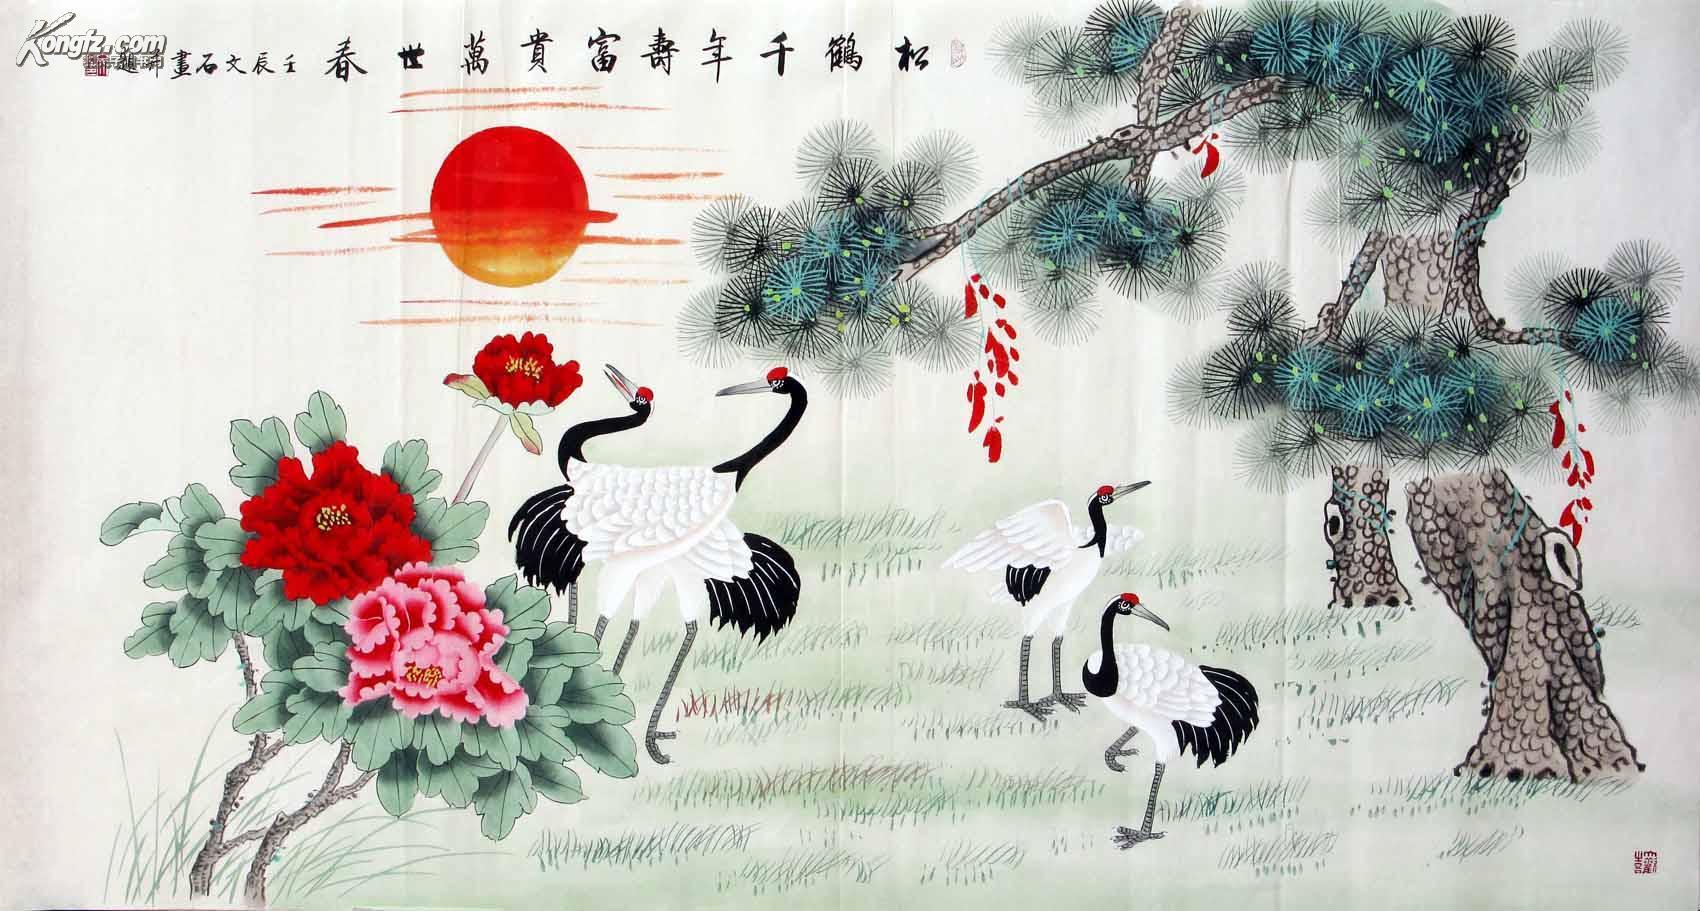 王文石六尺工笔松鹤牡丹图 物美价廉◆◆◆103